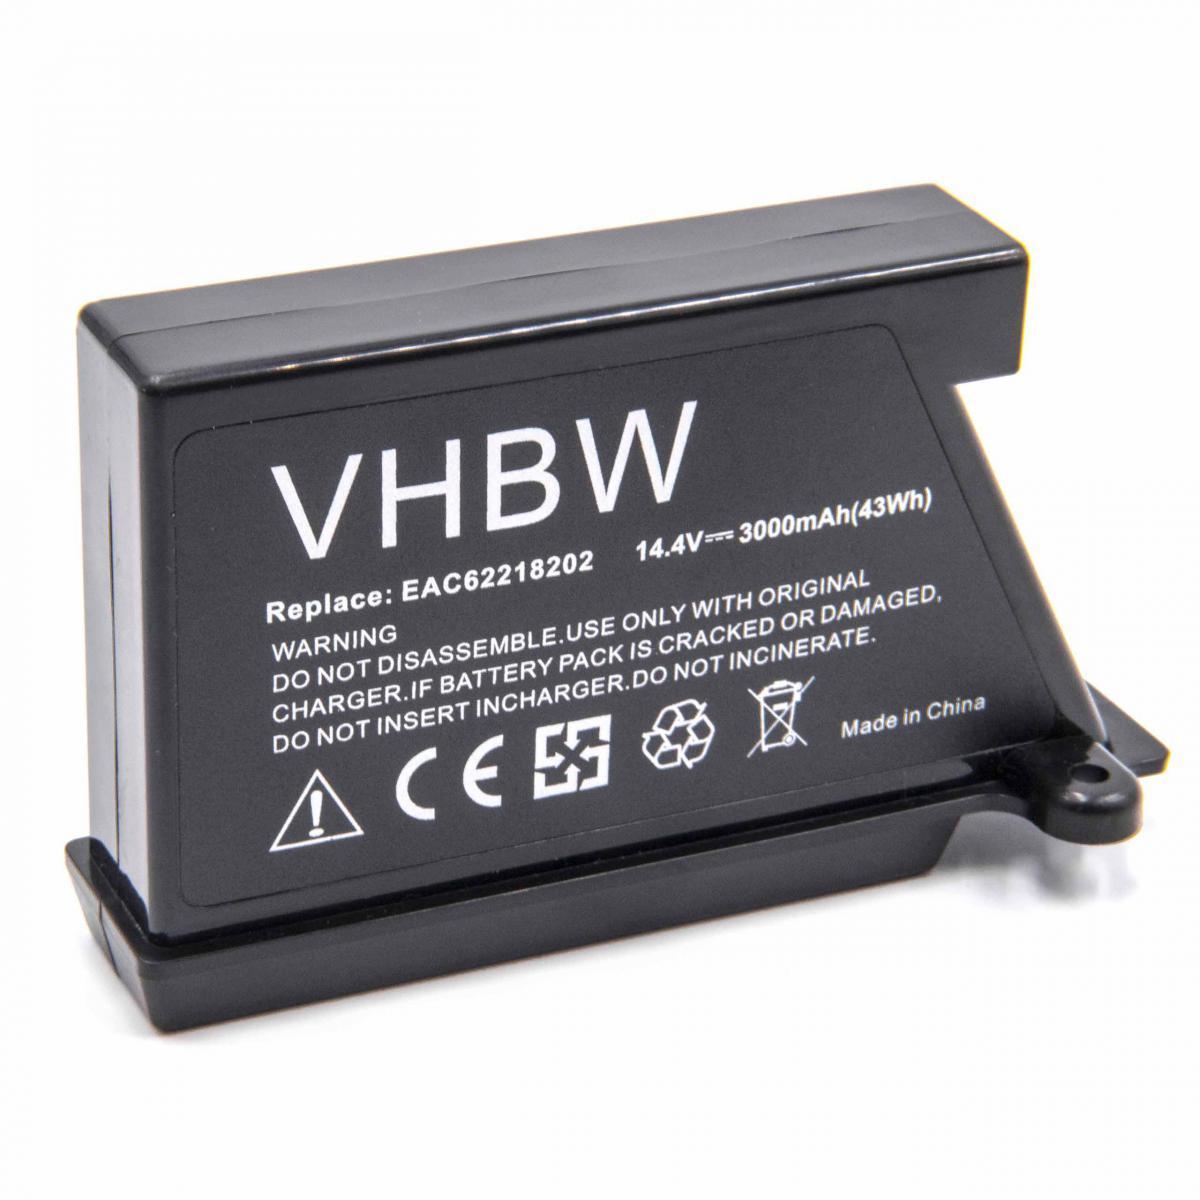 Vhbw vhbw Batterie compatible avec LG HOM-BOT VRF4042LL robot électroménager (3000mAh, 14,4V, Li-ion)